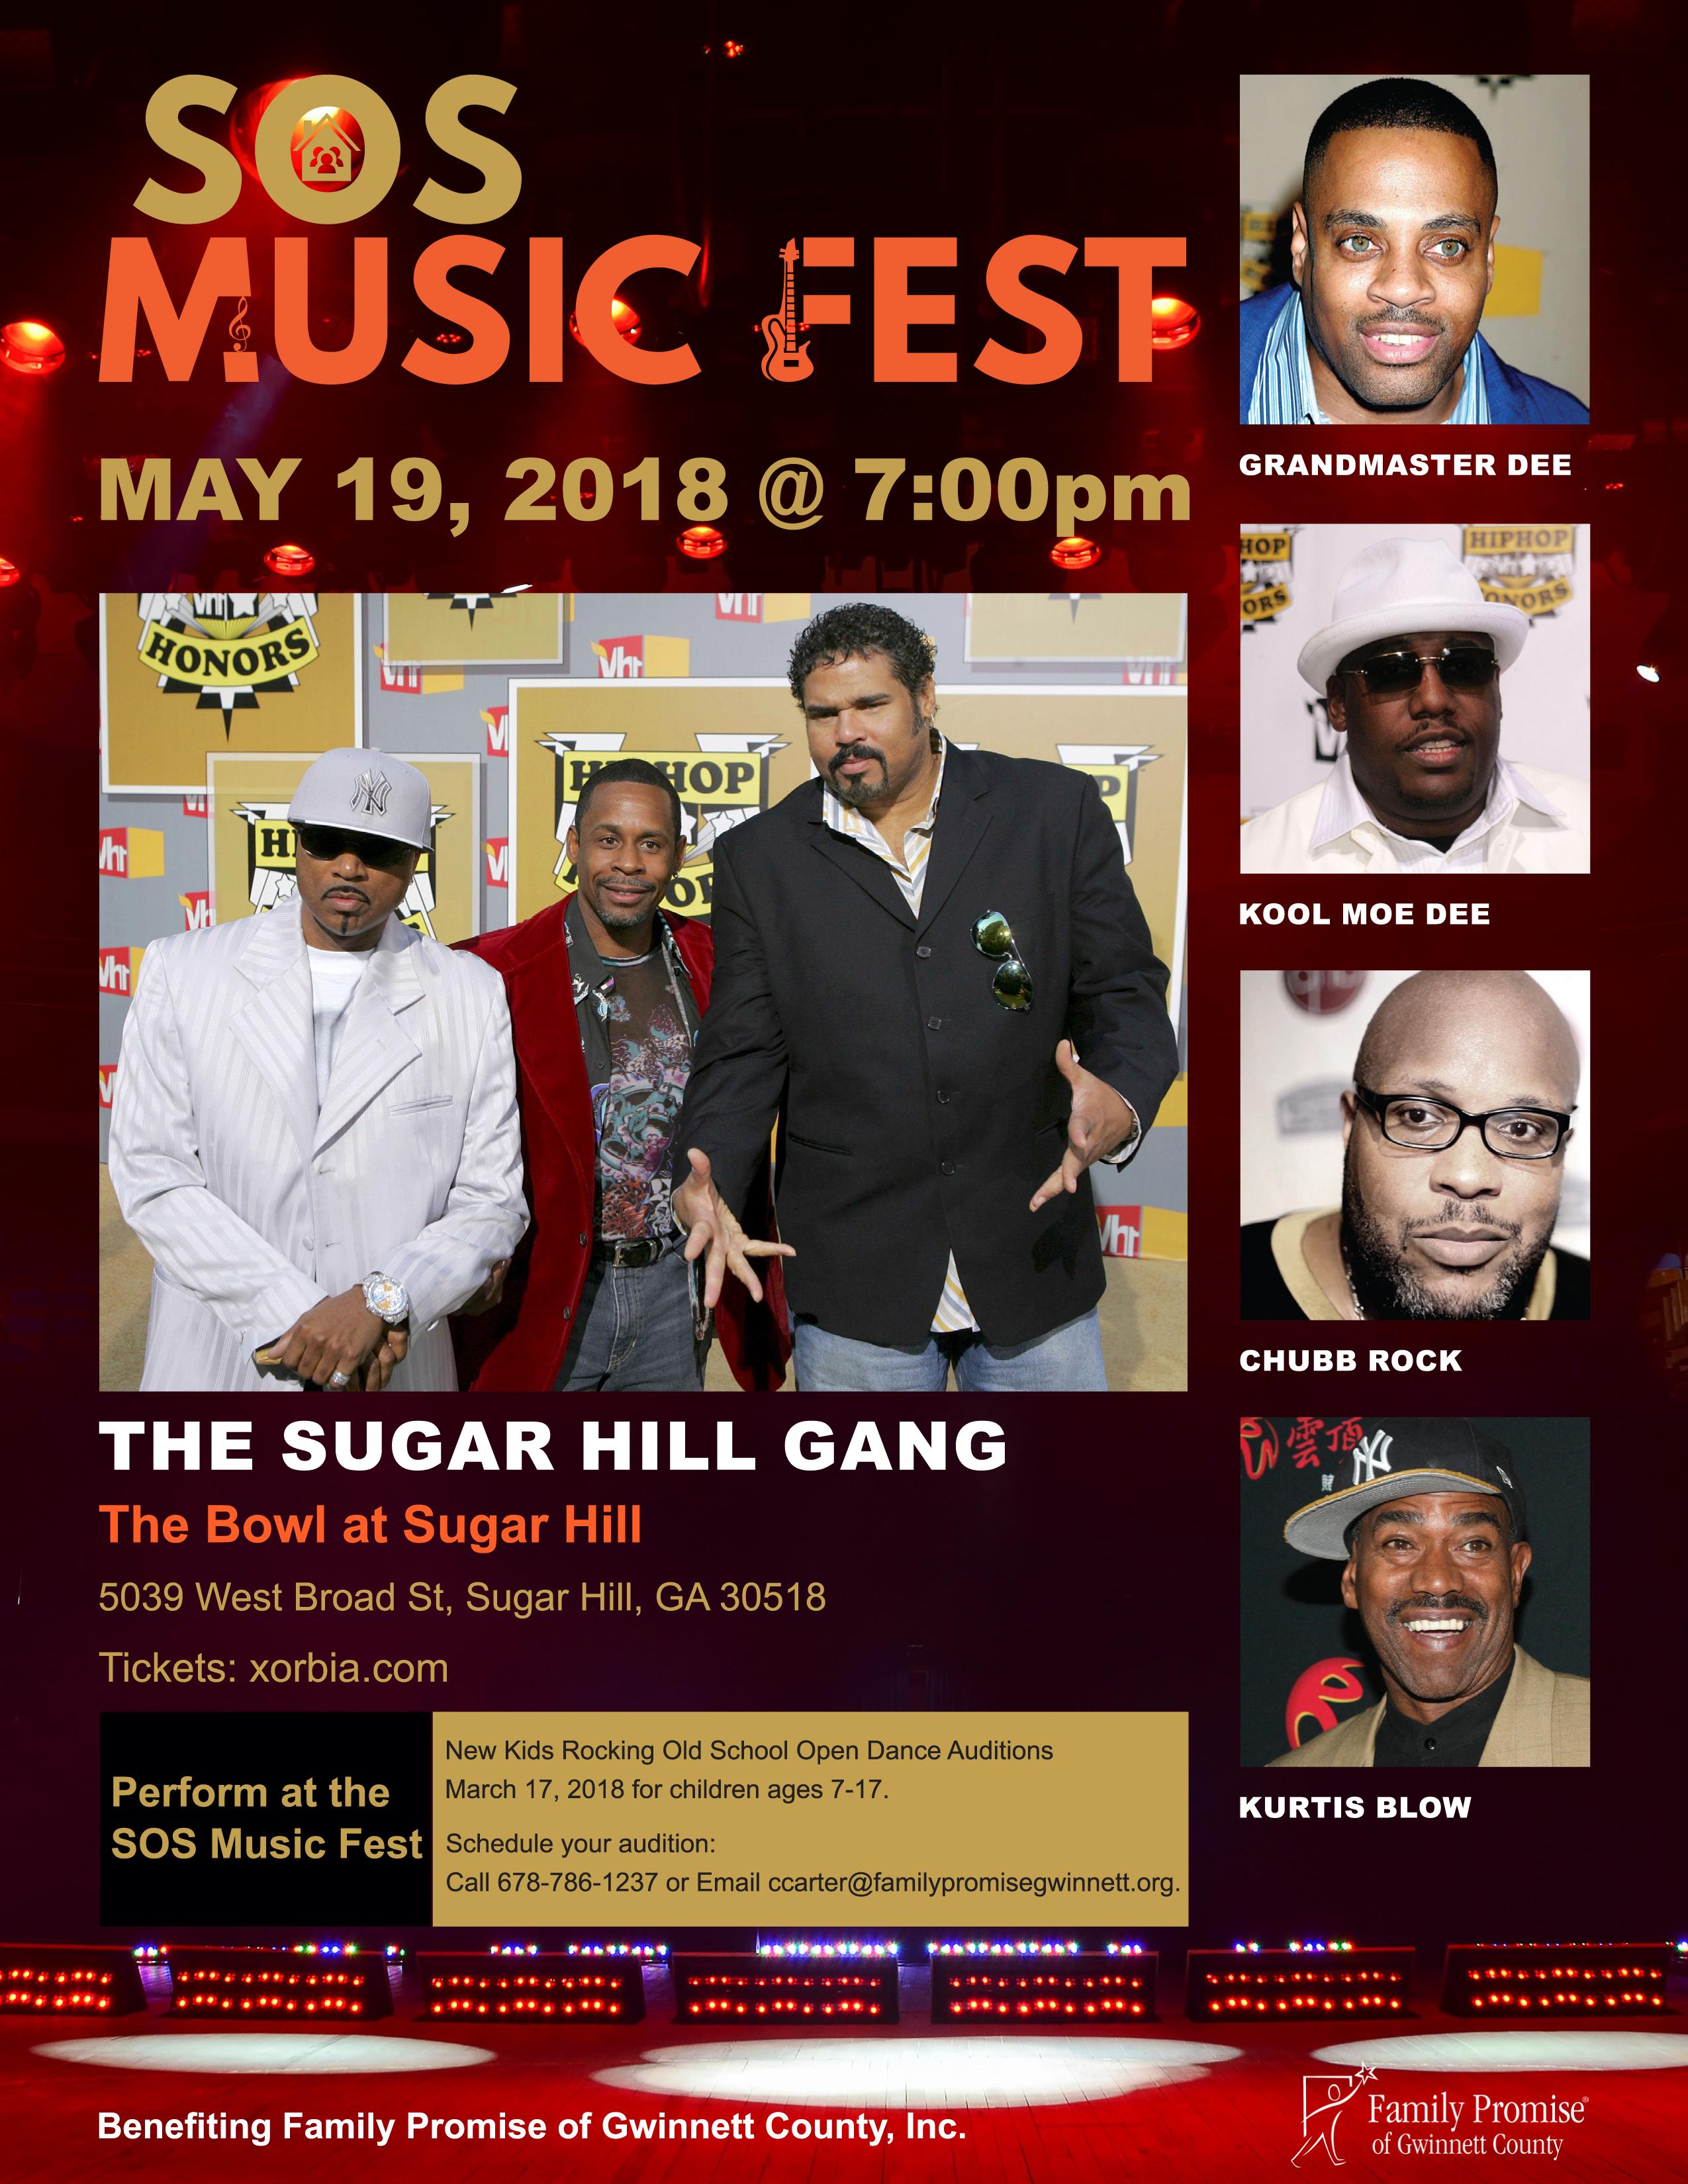 SOS Music Fest